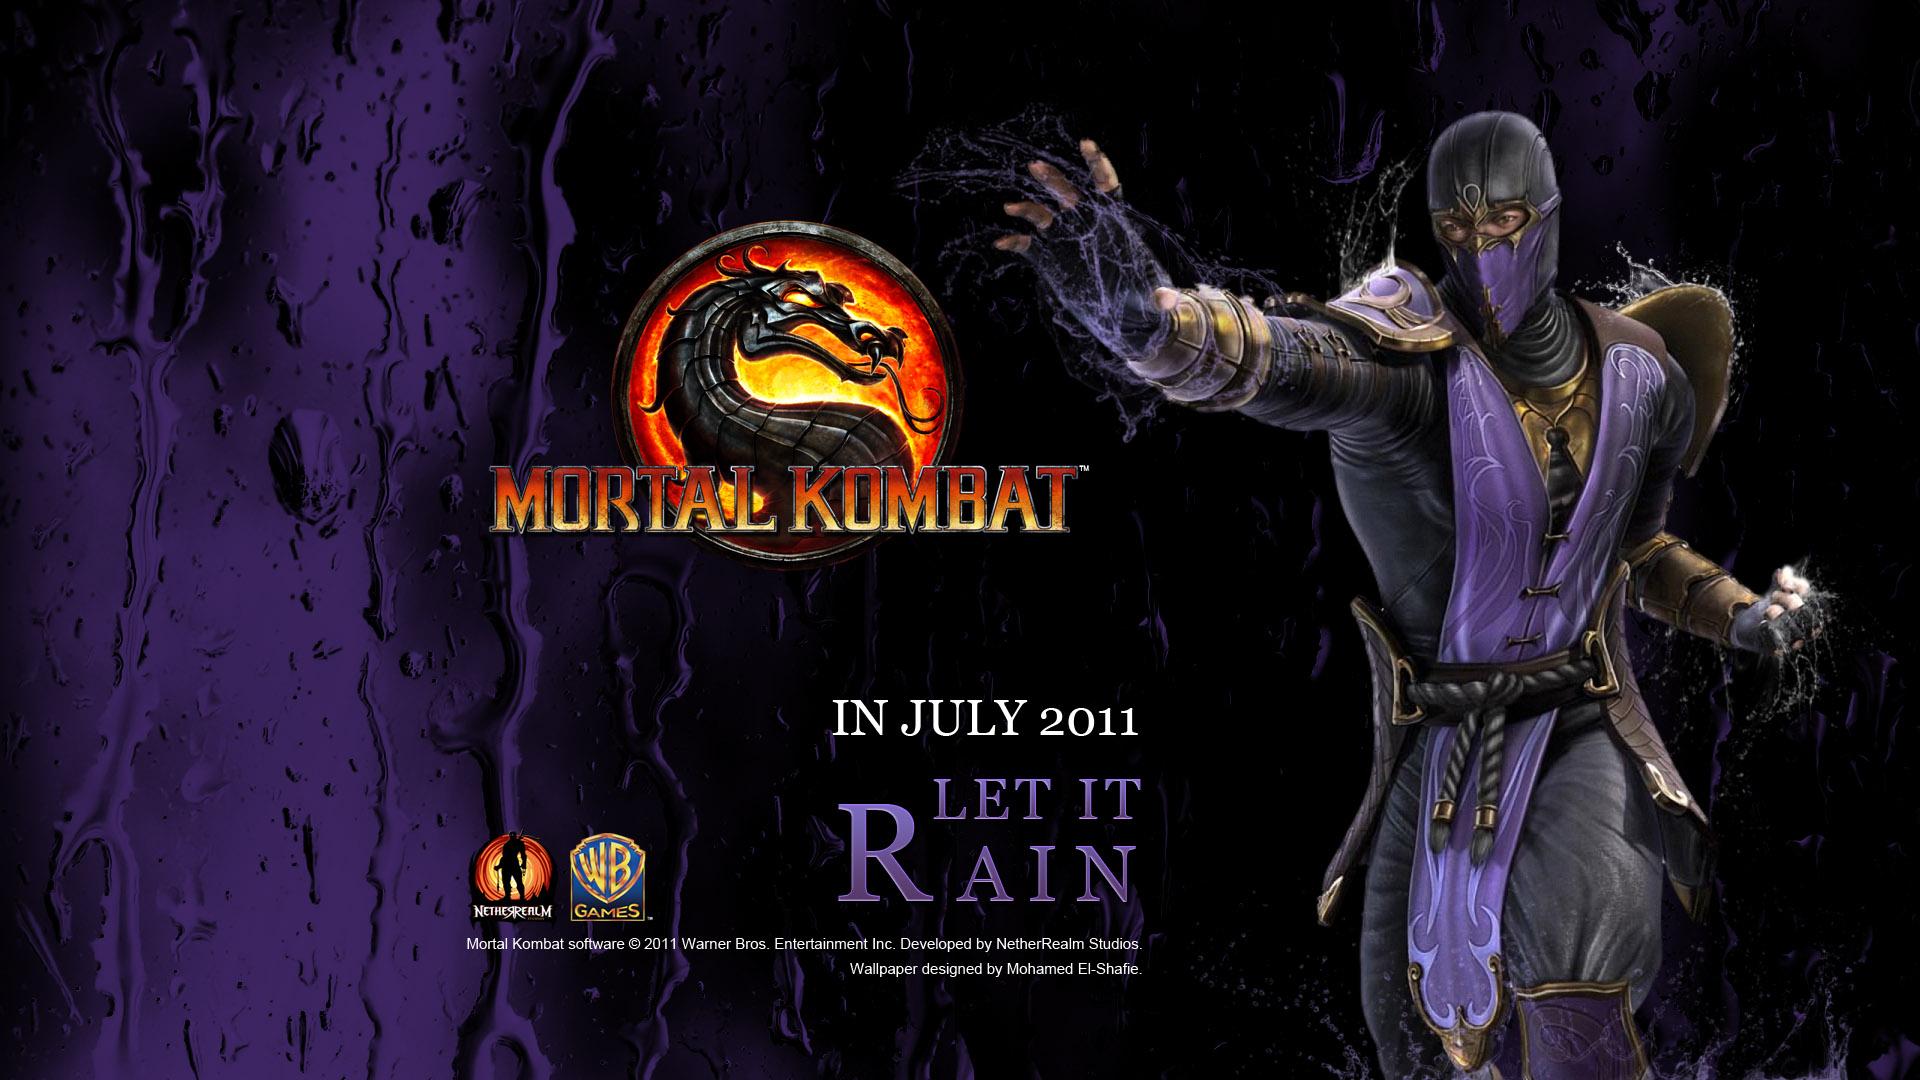 Rain Mortal Kombat Wallpaper  WallpaperSafari